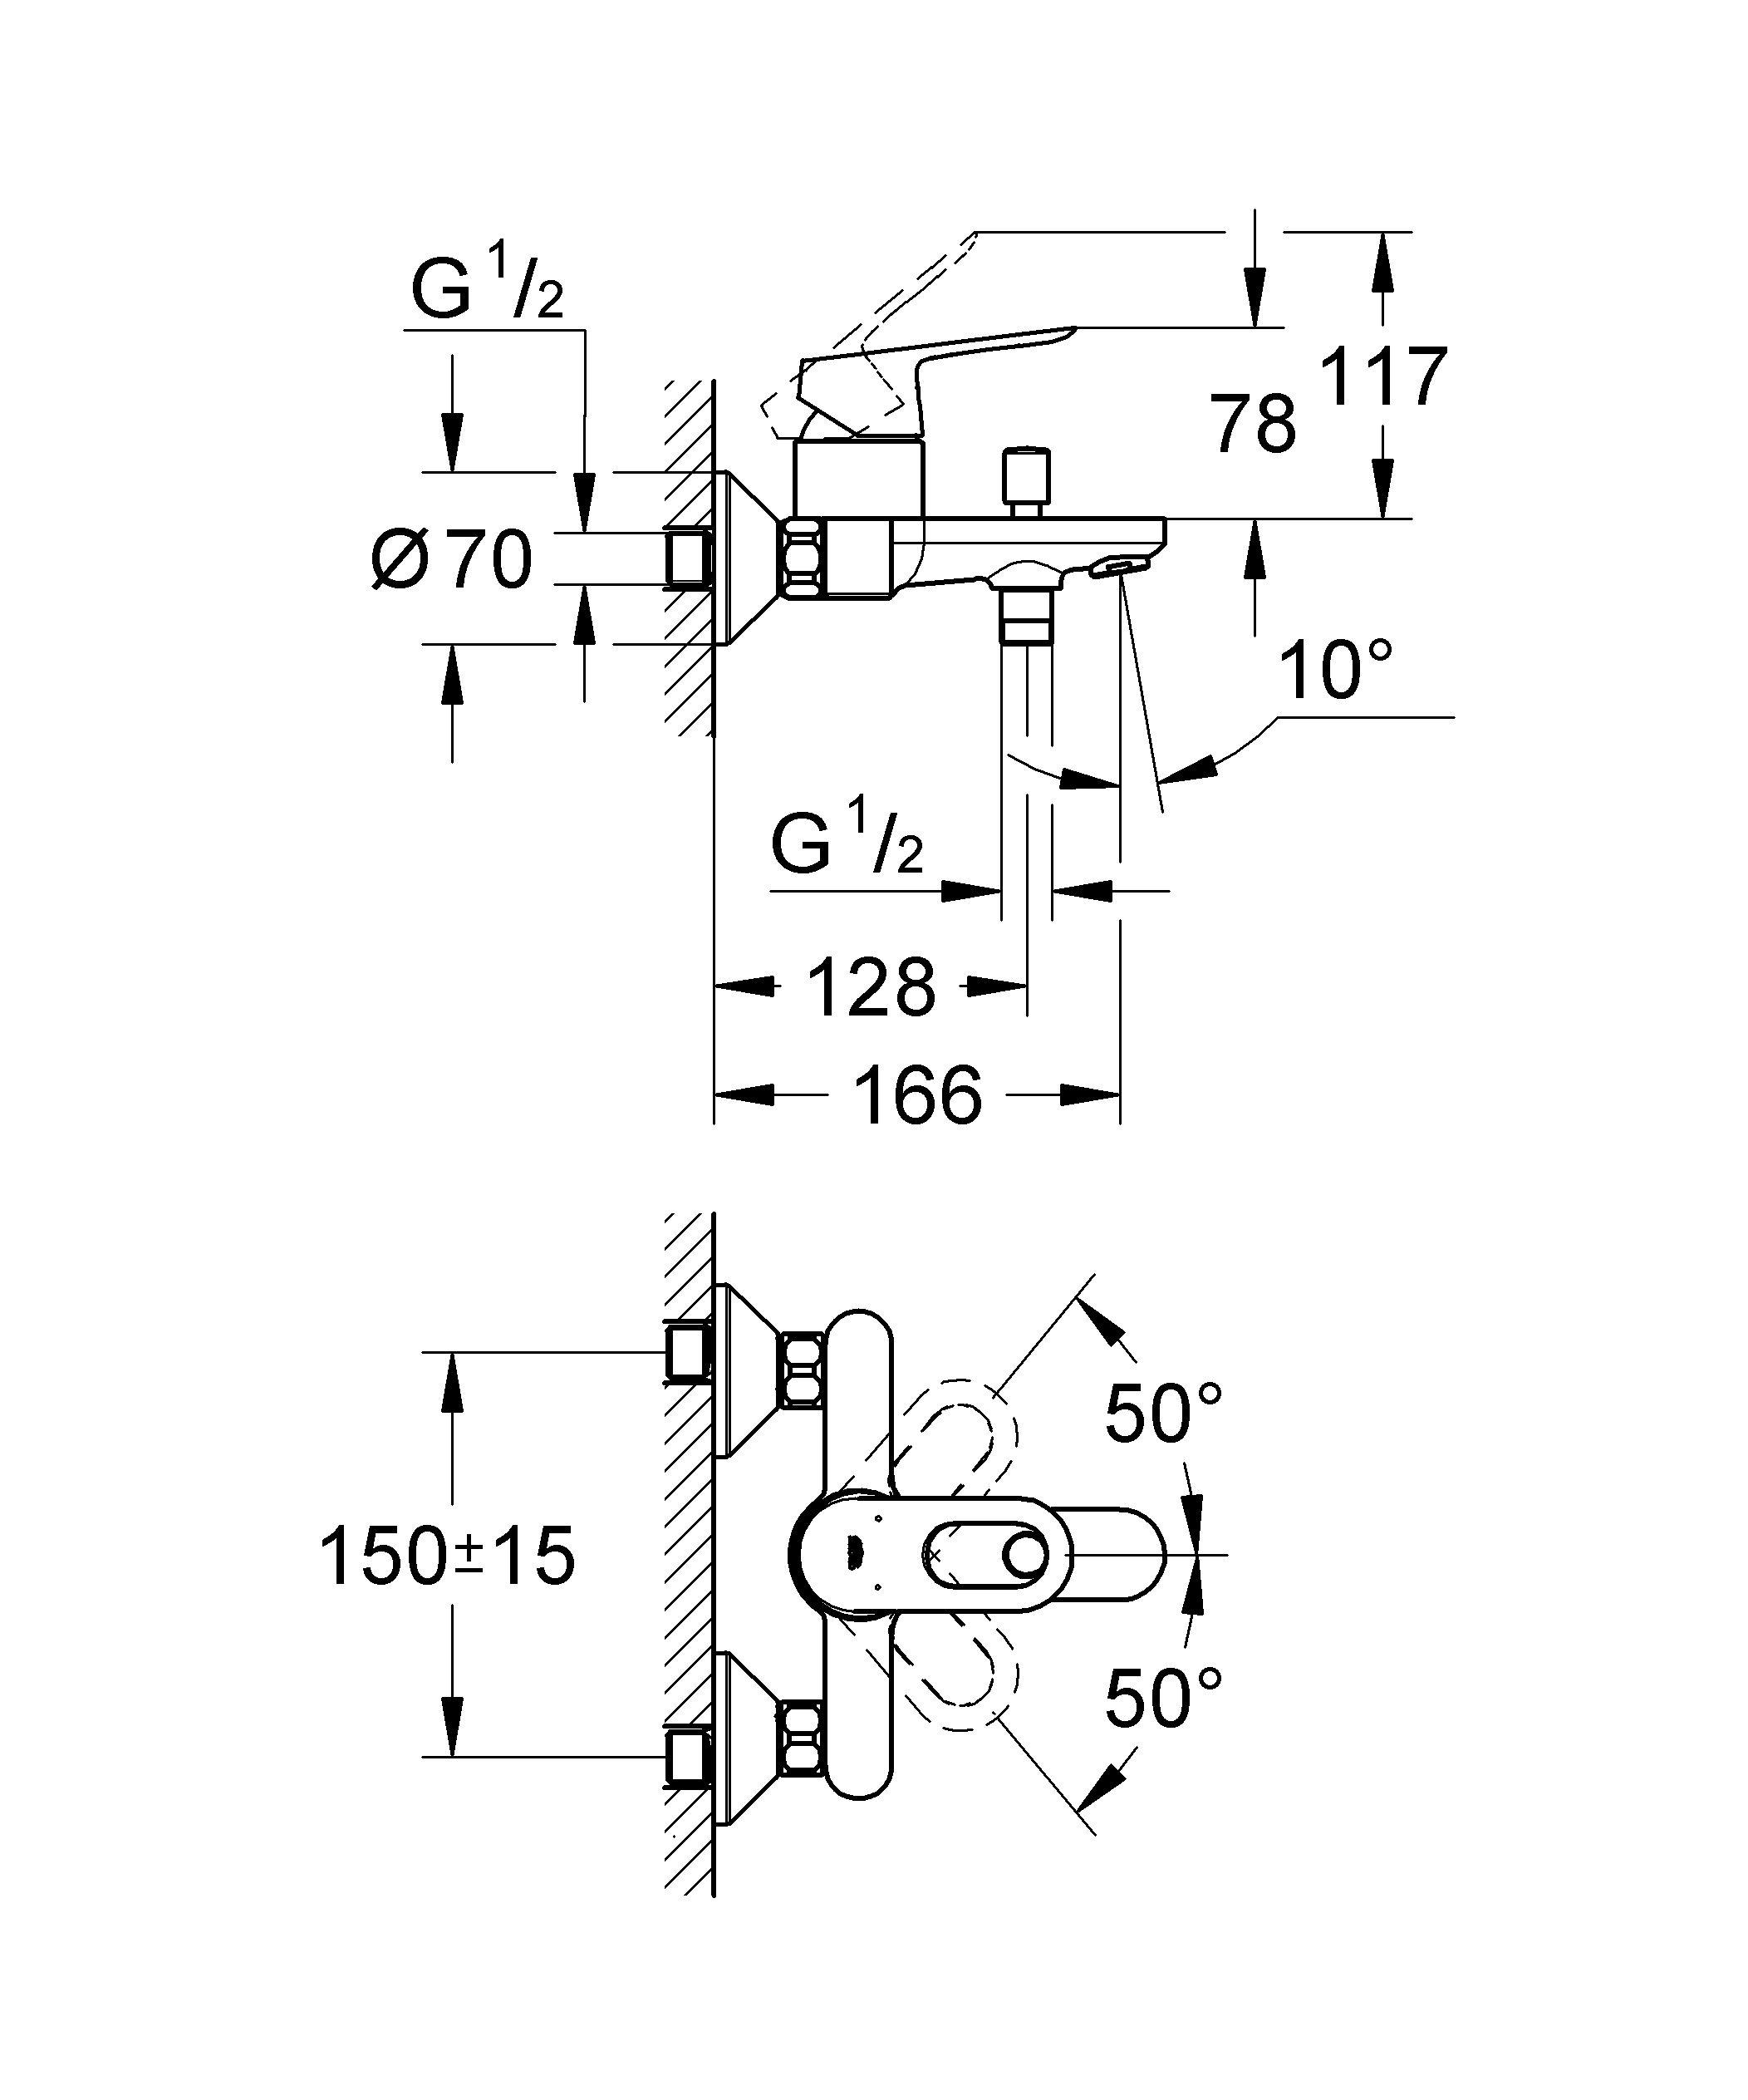 Настенный монтаж  Металлический рычаг  GROHE SilkMove керамический картридж O 46 мм  GROHE StarLight хромированная поверхность   Регулировка расхода воды  Автоматический переключатель: ванна/душ  Отвод для душа снизу 1/2? со встроенным обратным клапаном  Аэратор  Скрытые S-образные эксцентрики  Отражатель из металла  Дополнительный ограничитель температуры (46 308 000)    Видео по установке является исключительно информационным. Установка должна проводиться профессионалами!